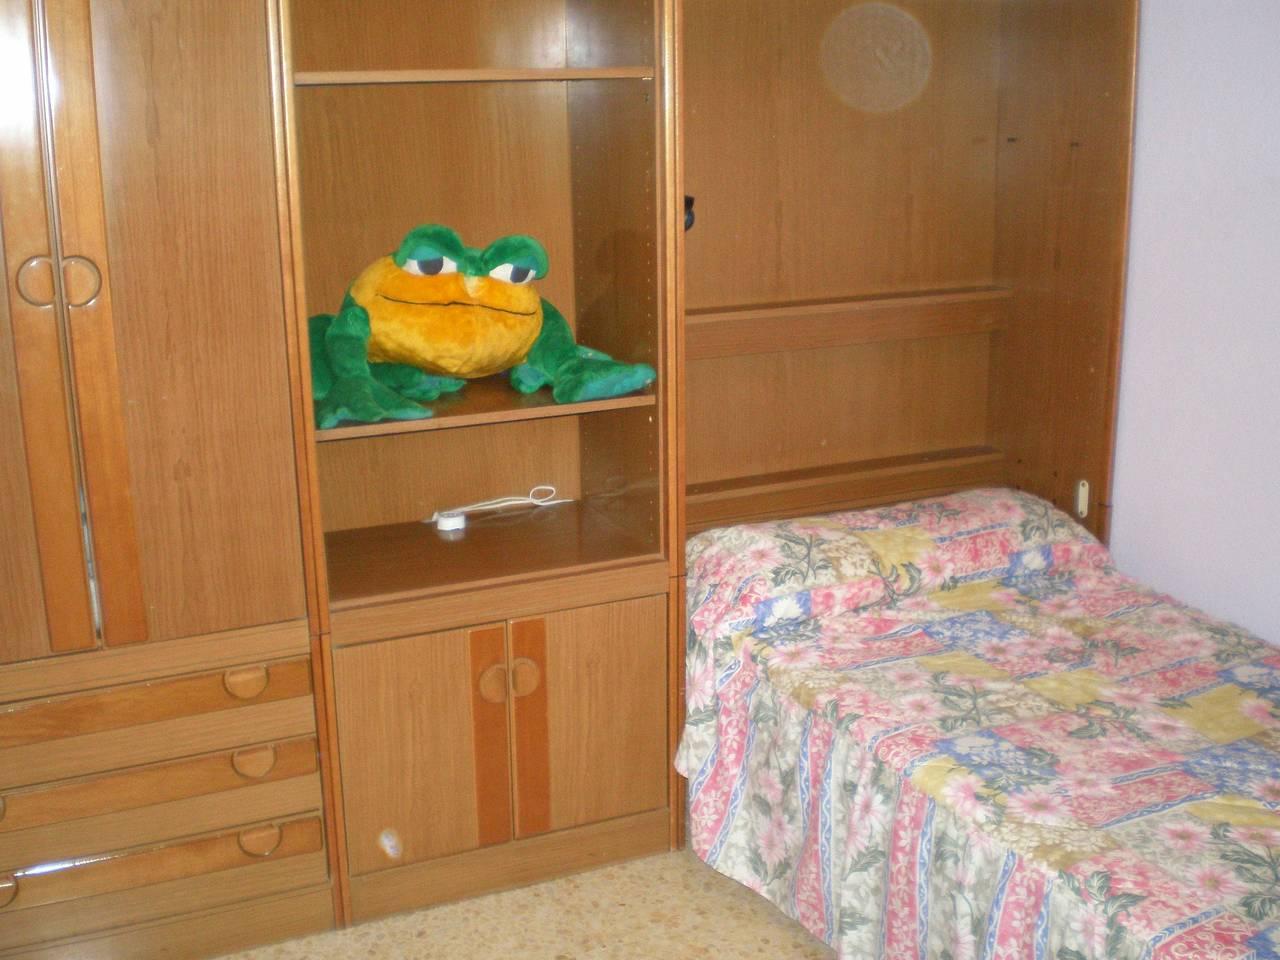 en soria se alquilan una habitacion en piso compartido  - Foto 23